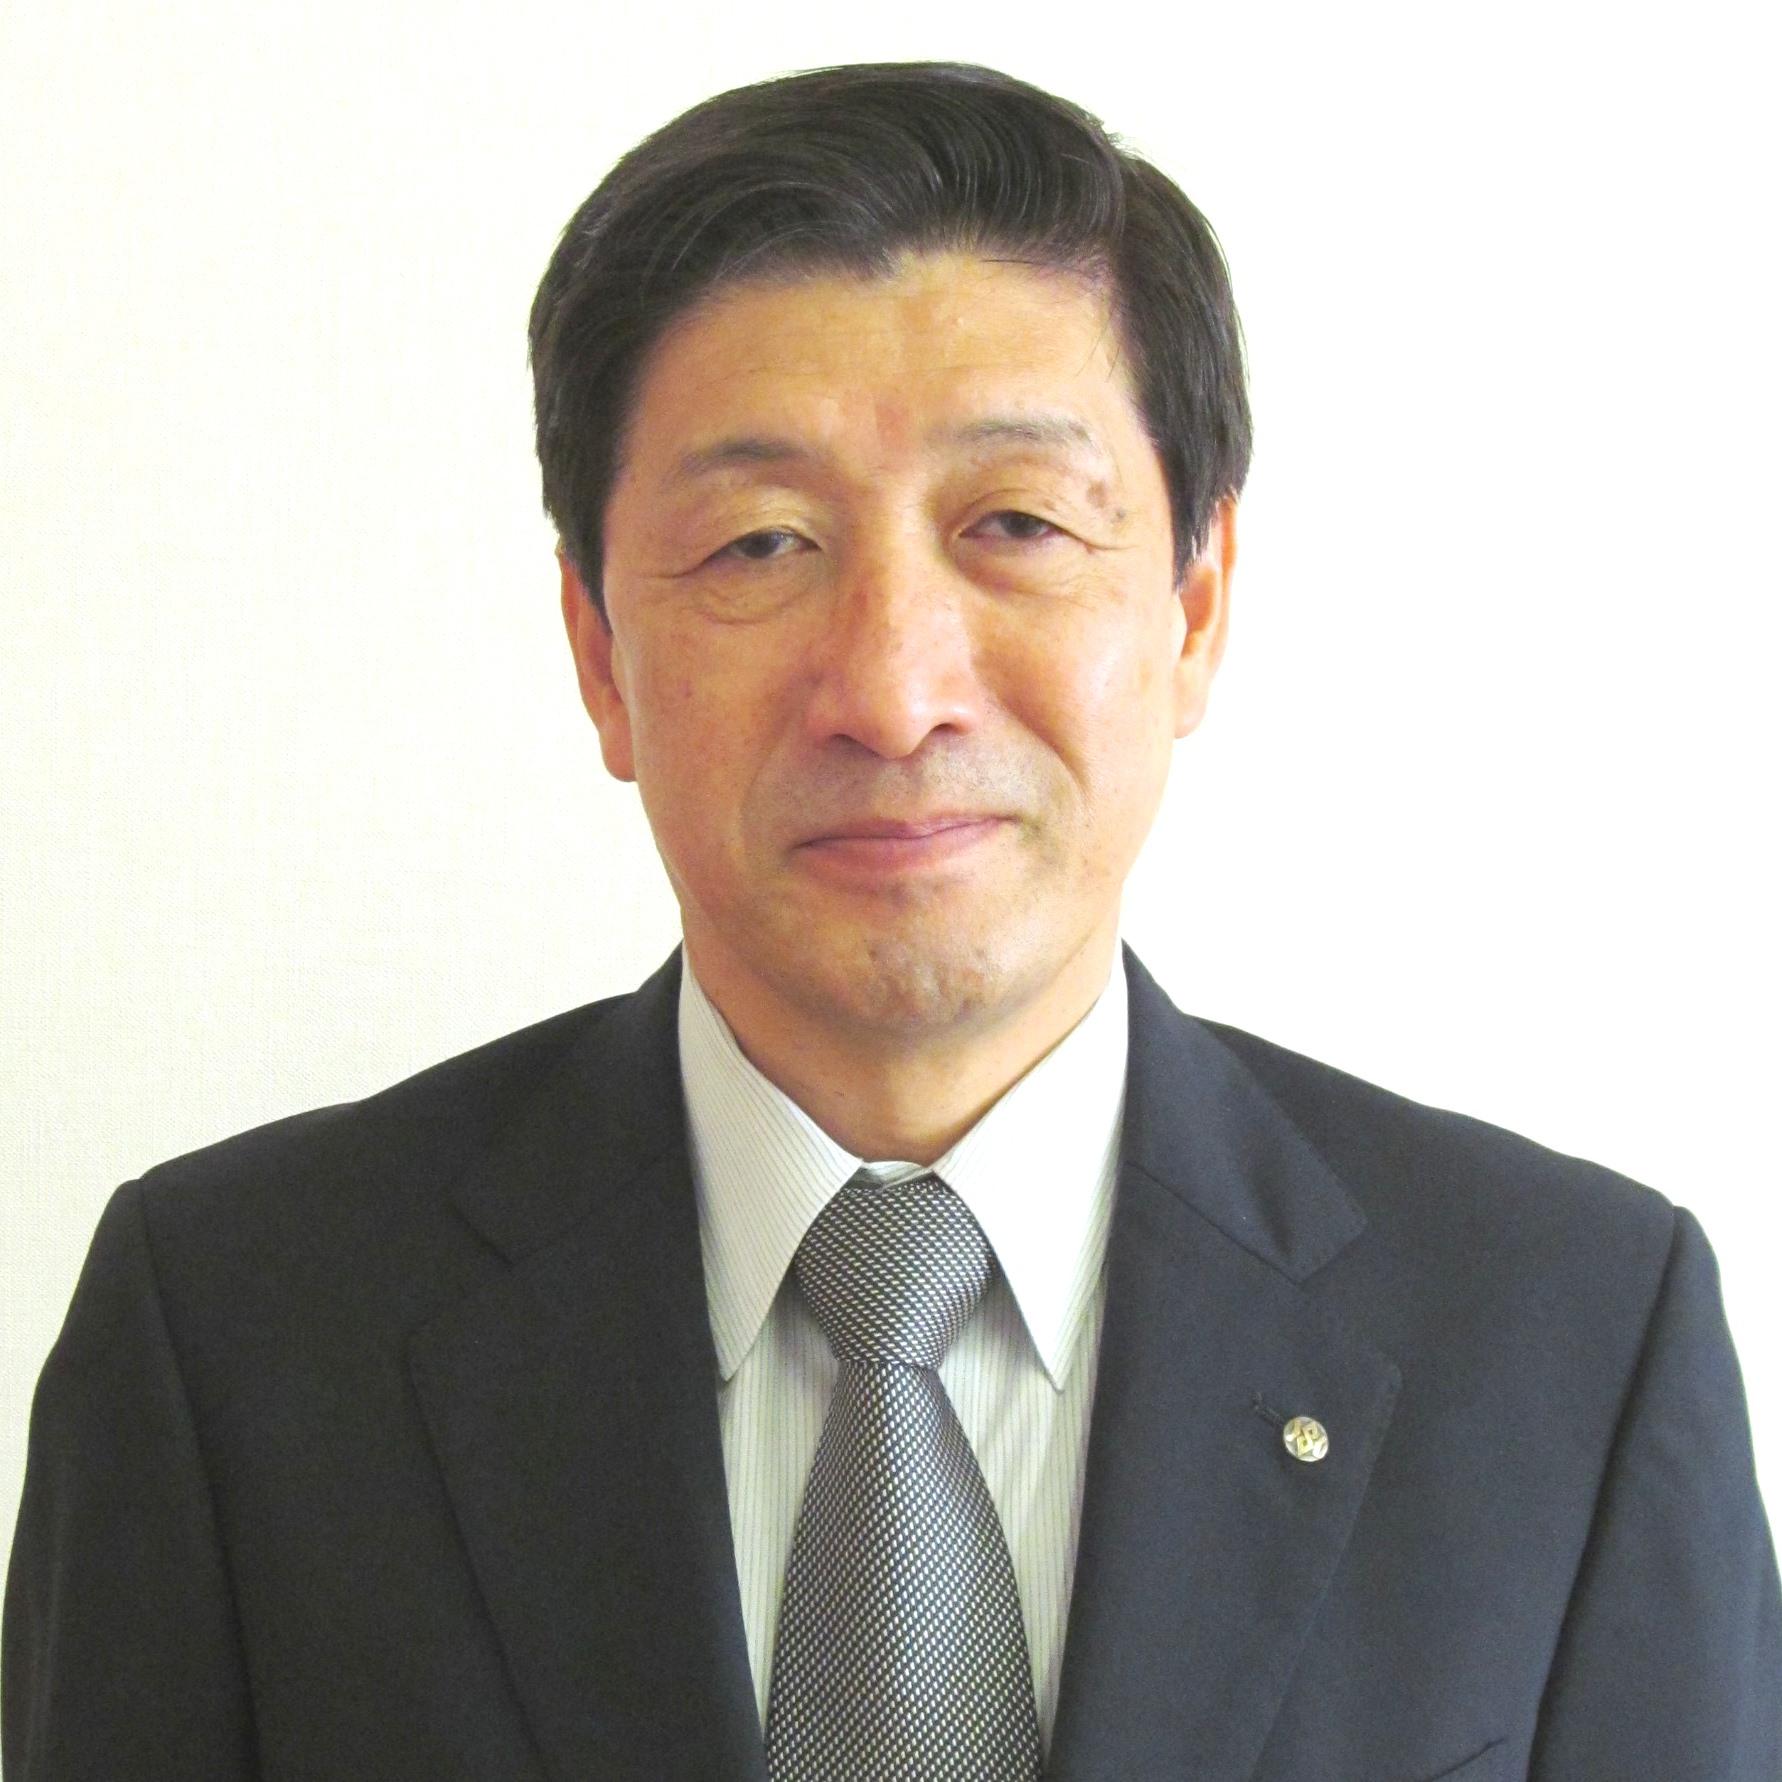 社会福祉法人岩手県社会福祉事業団